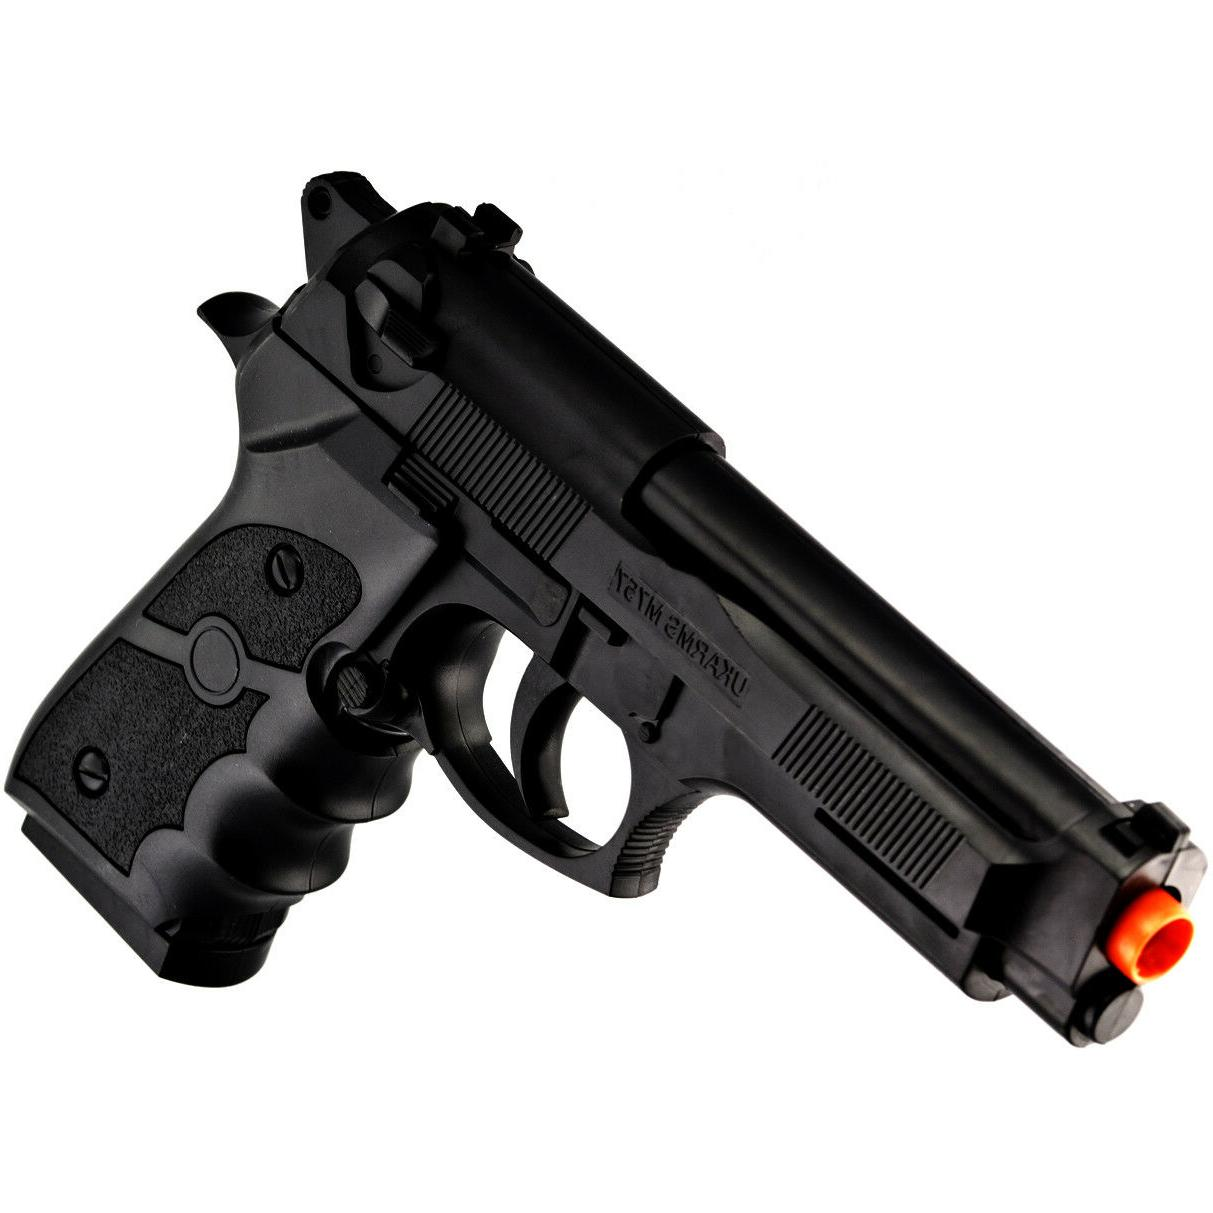 UKARMS M9 BERETTA AIRSOFT PISTOL HAND GUN